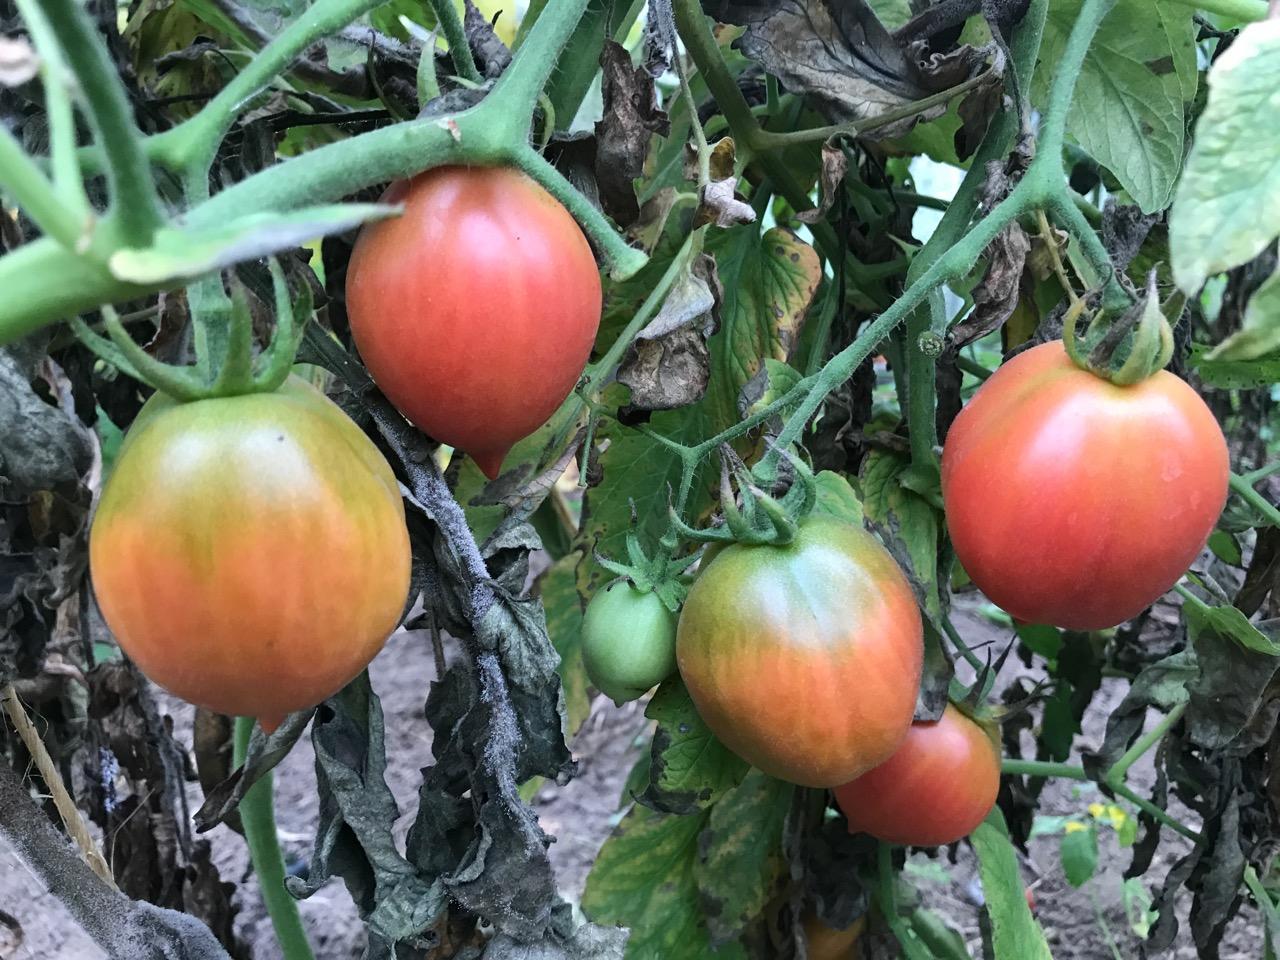 Sene røde tomater